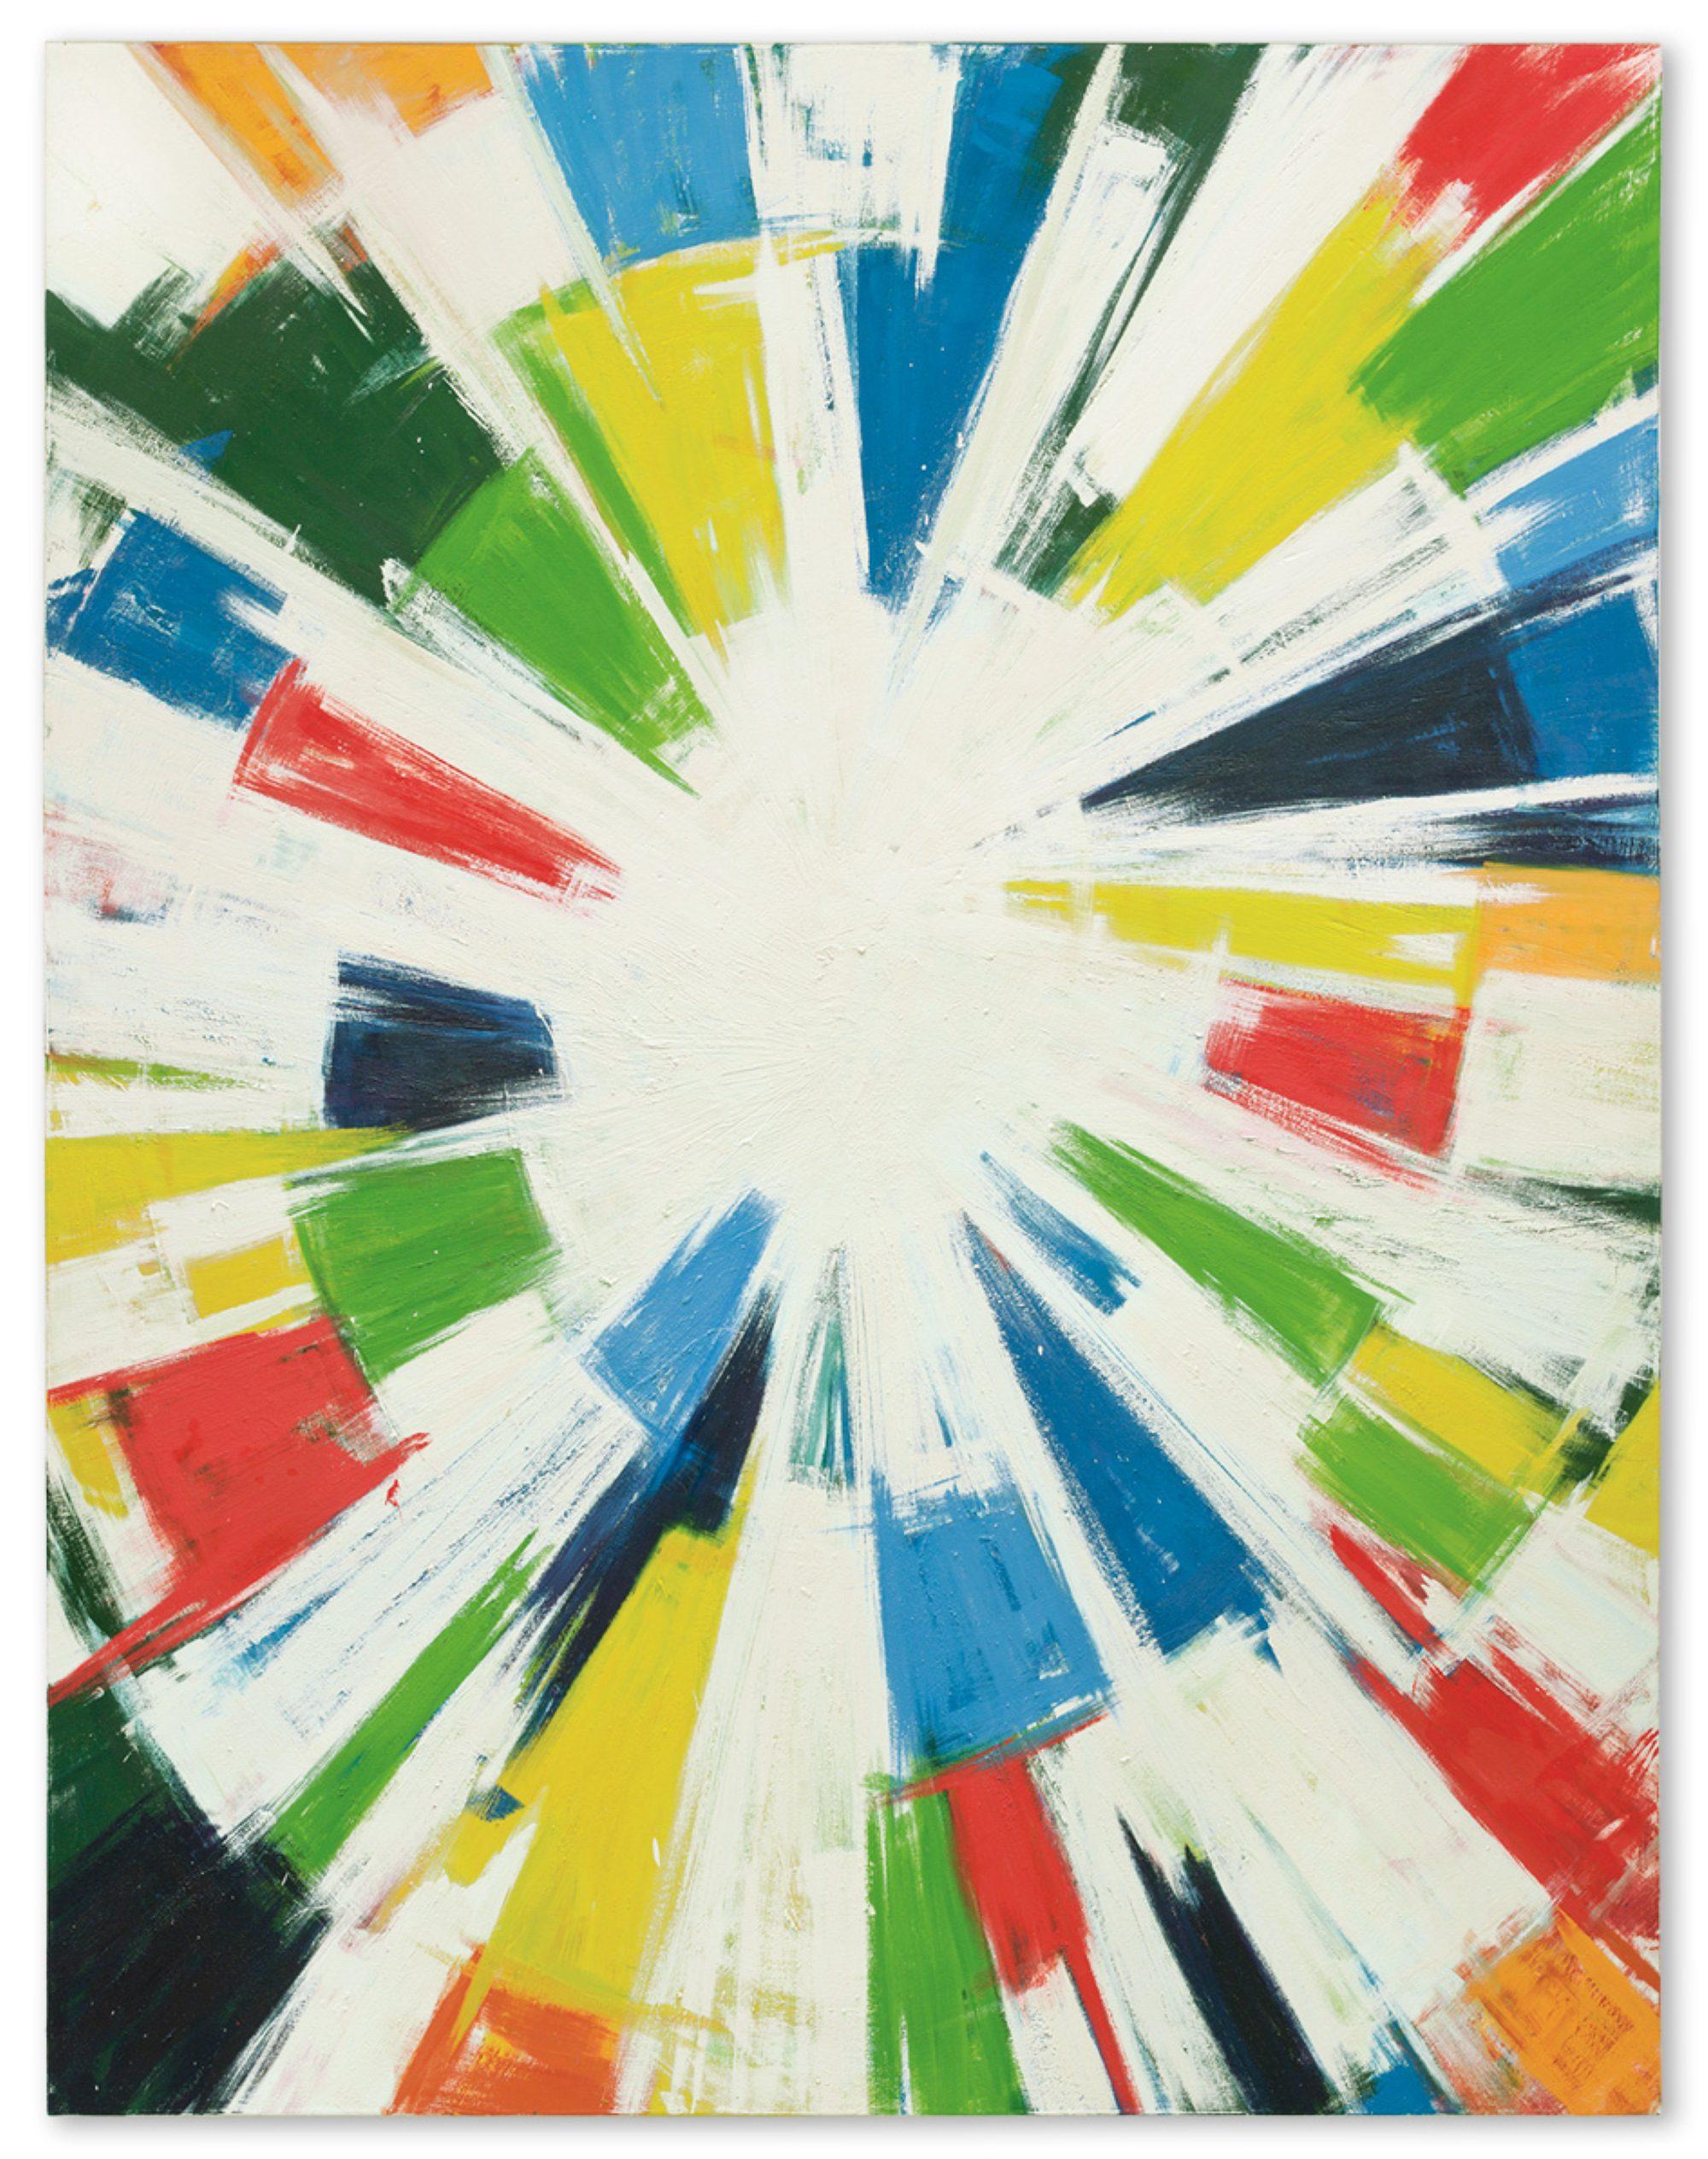 Mosaik Zeichnung aus bunten Farben